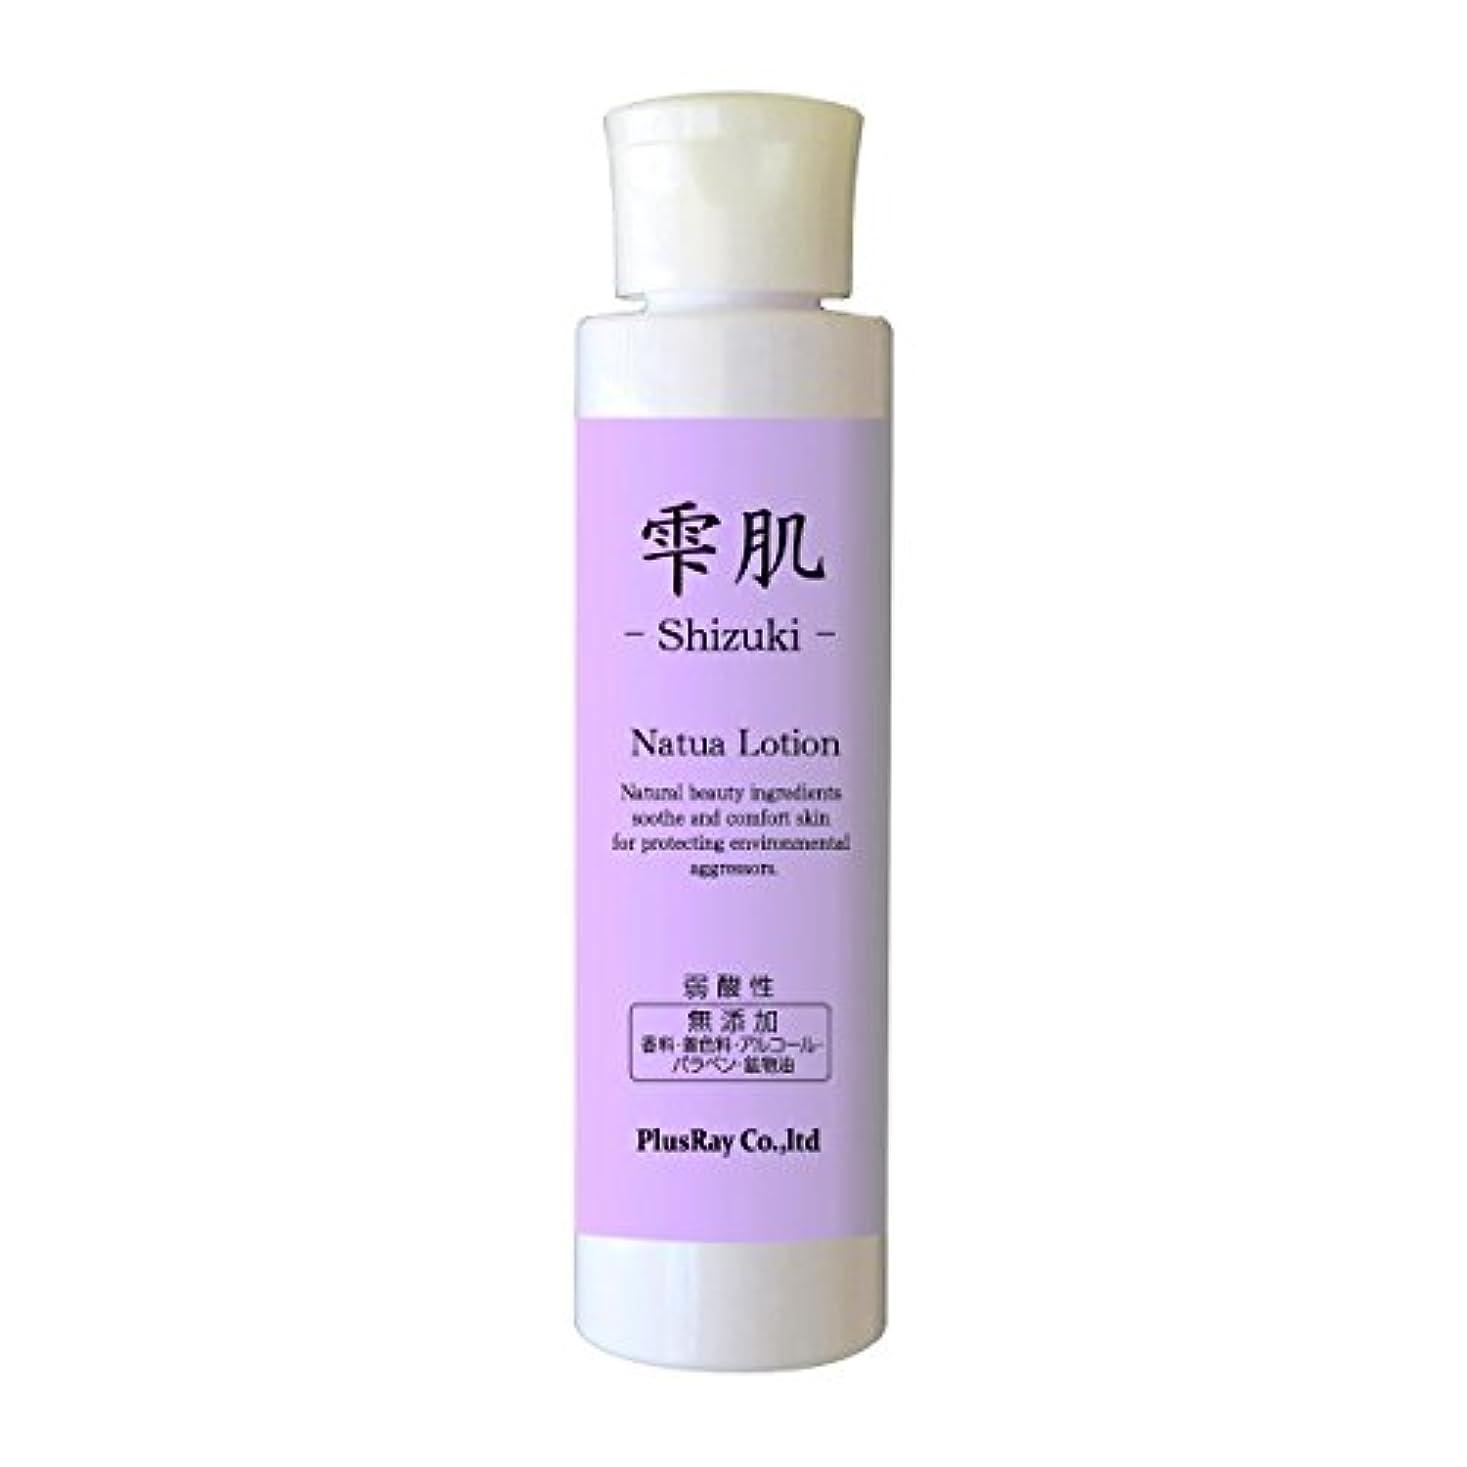 たくさんのばかげているワゴンプラスレイ(PlusRay)化粧品 ナチュアローション 雫肌 しづき アズレン 化粧水